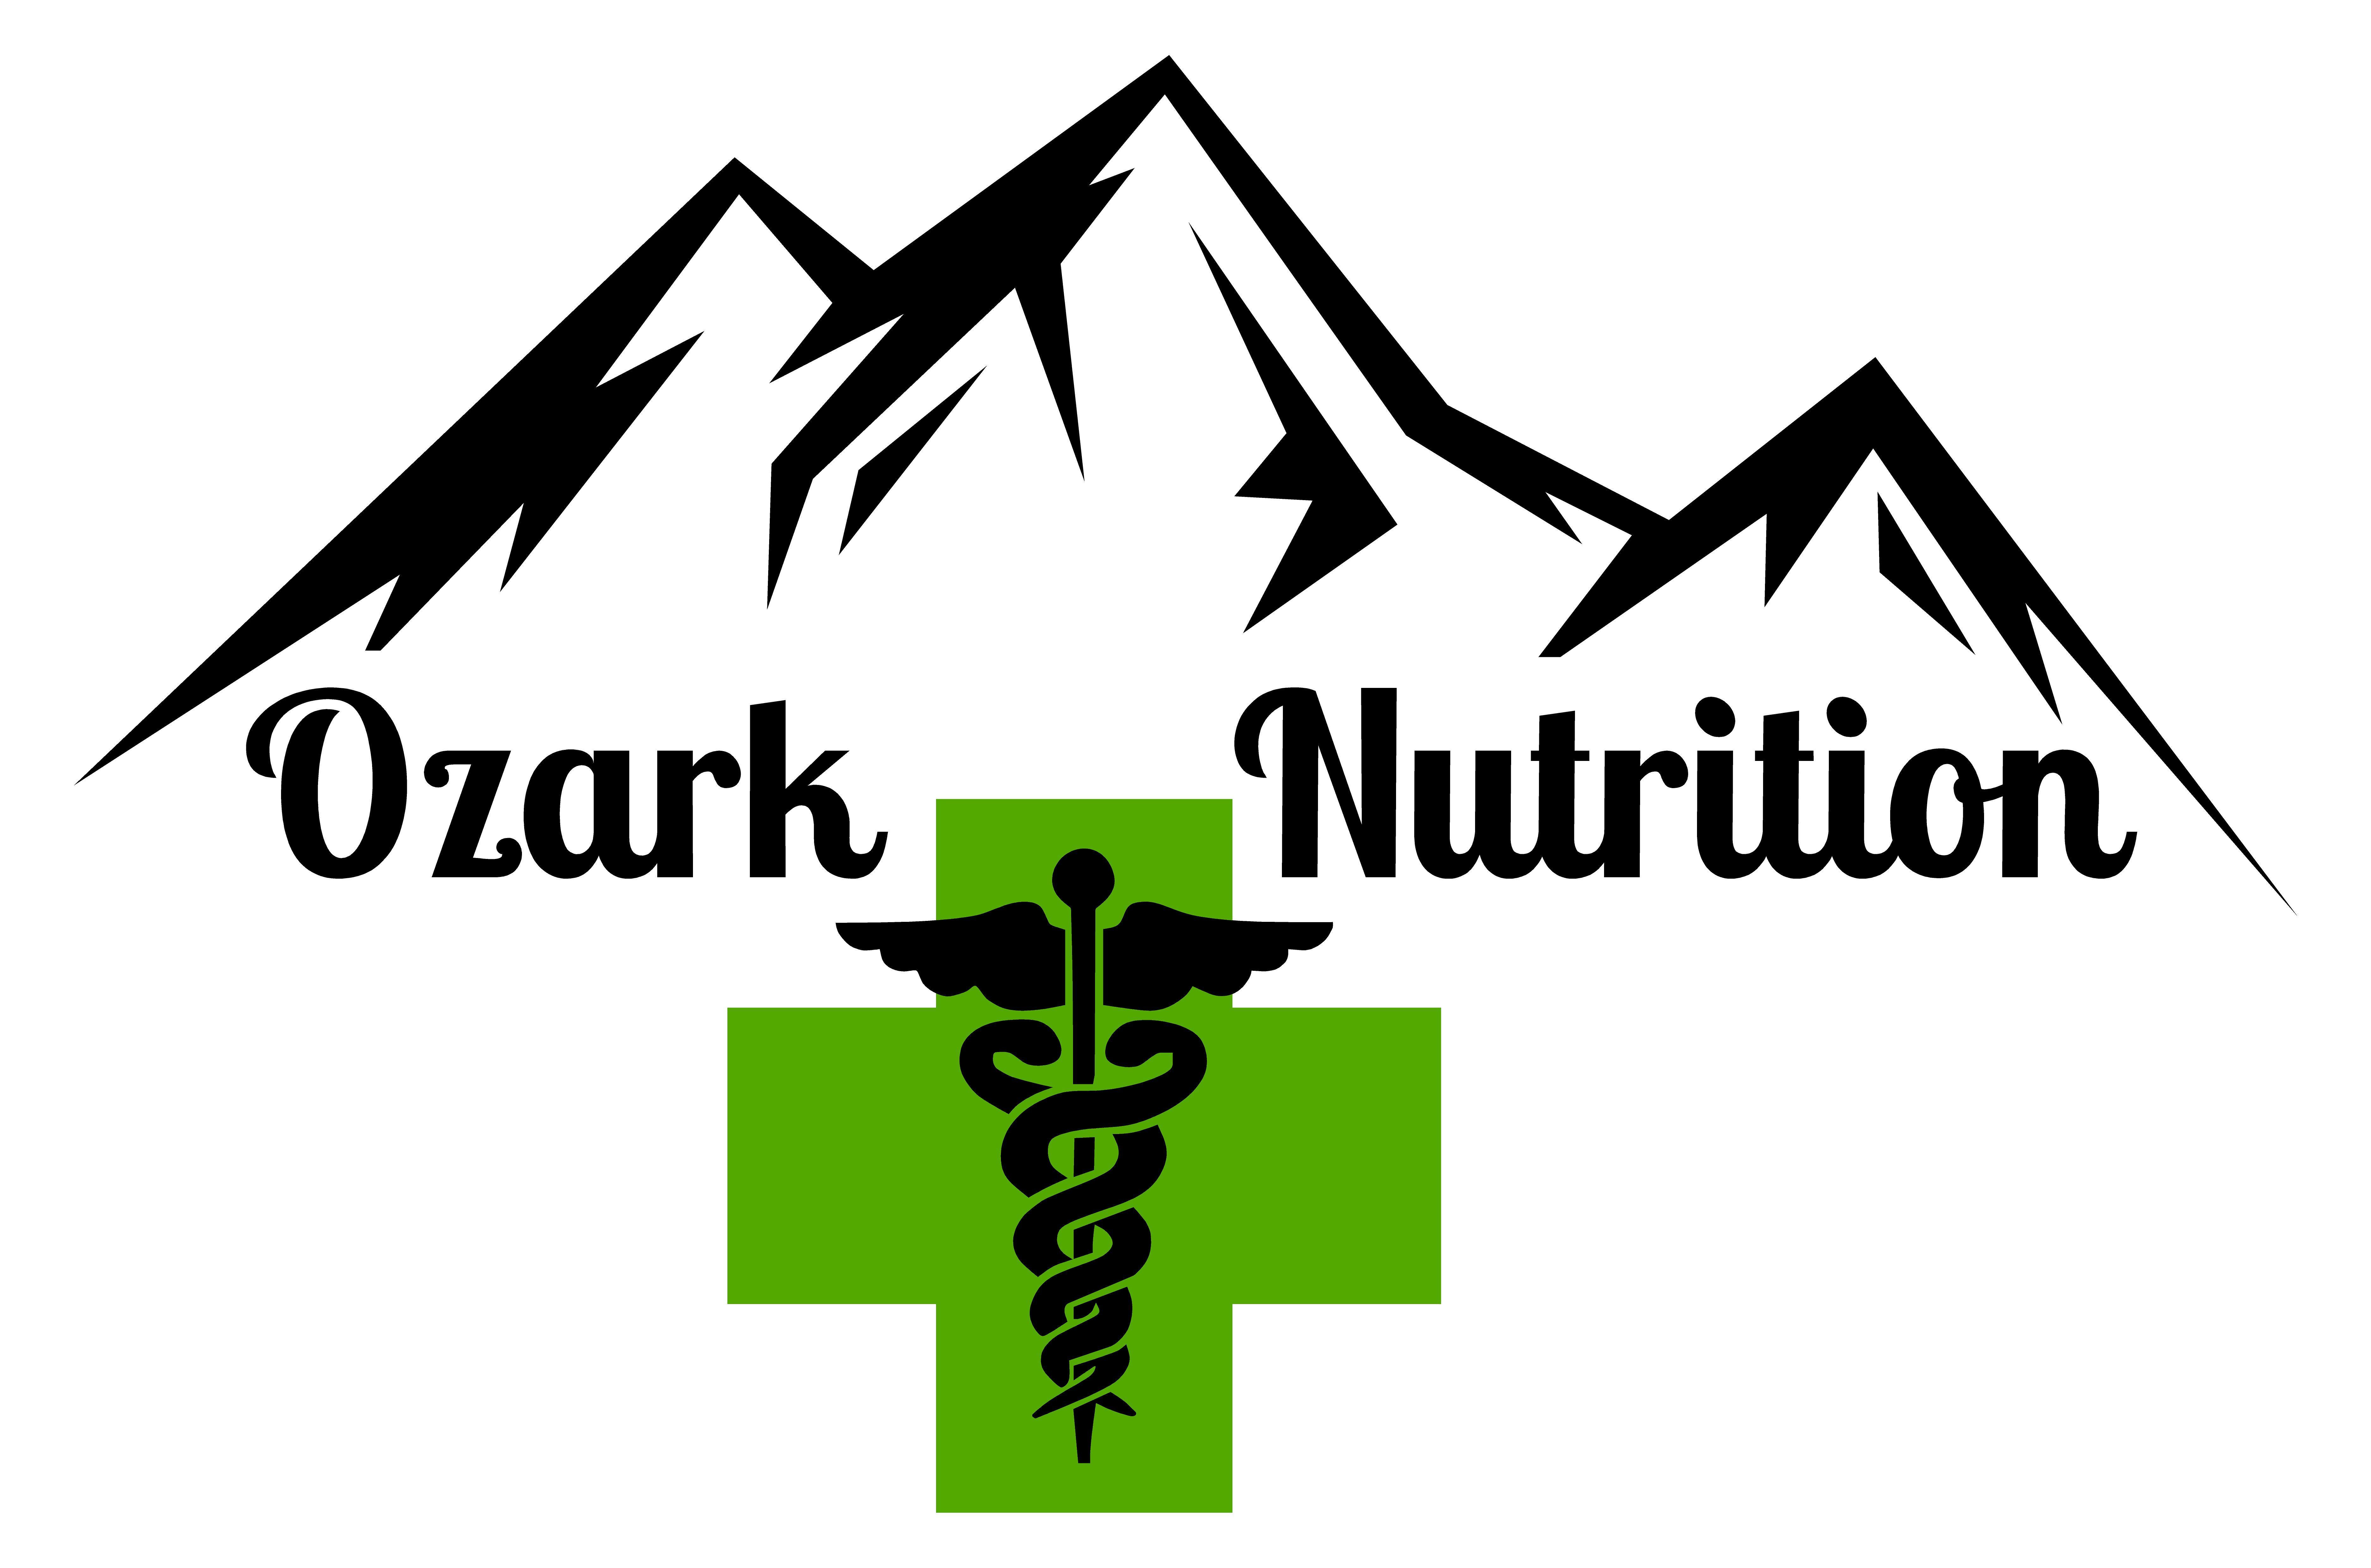 Ozark Nutrition logo